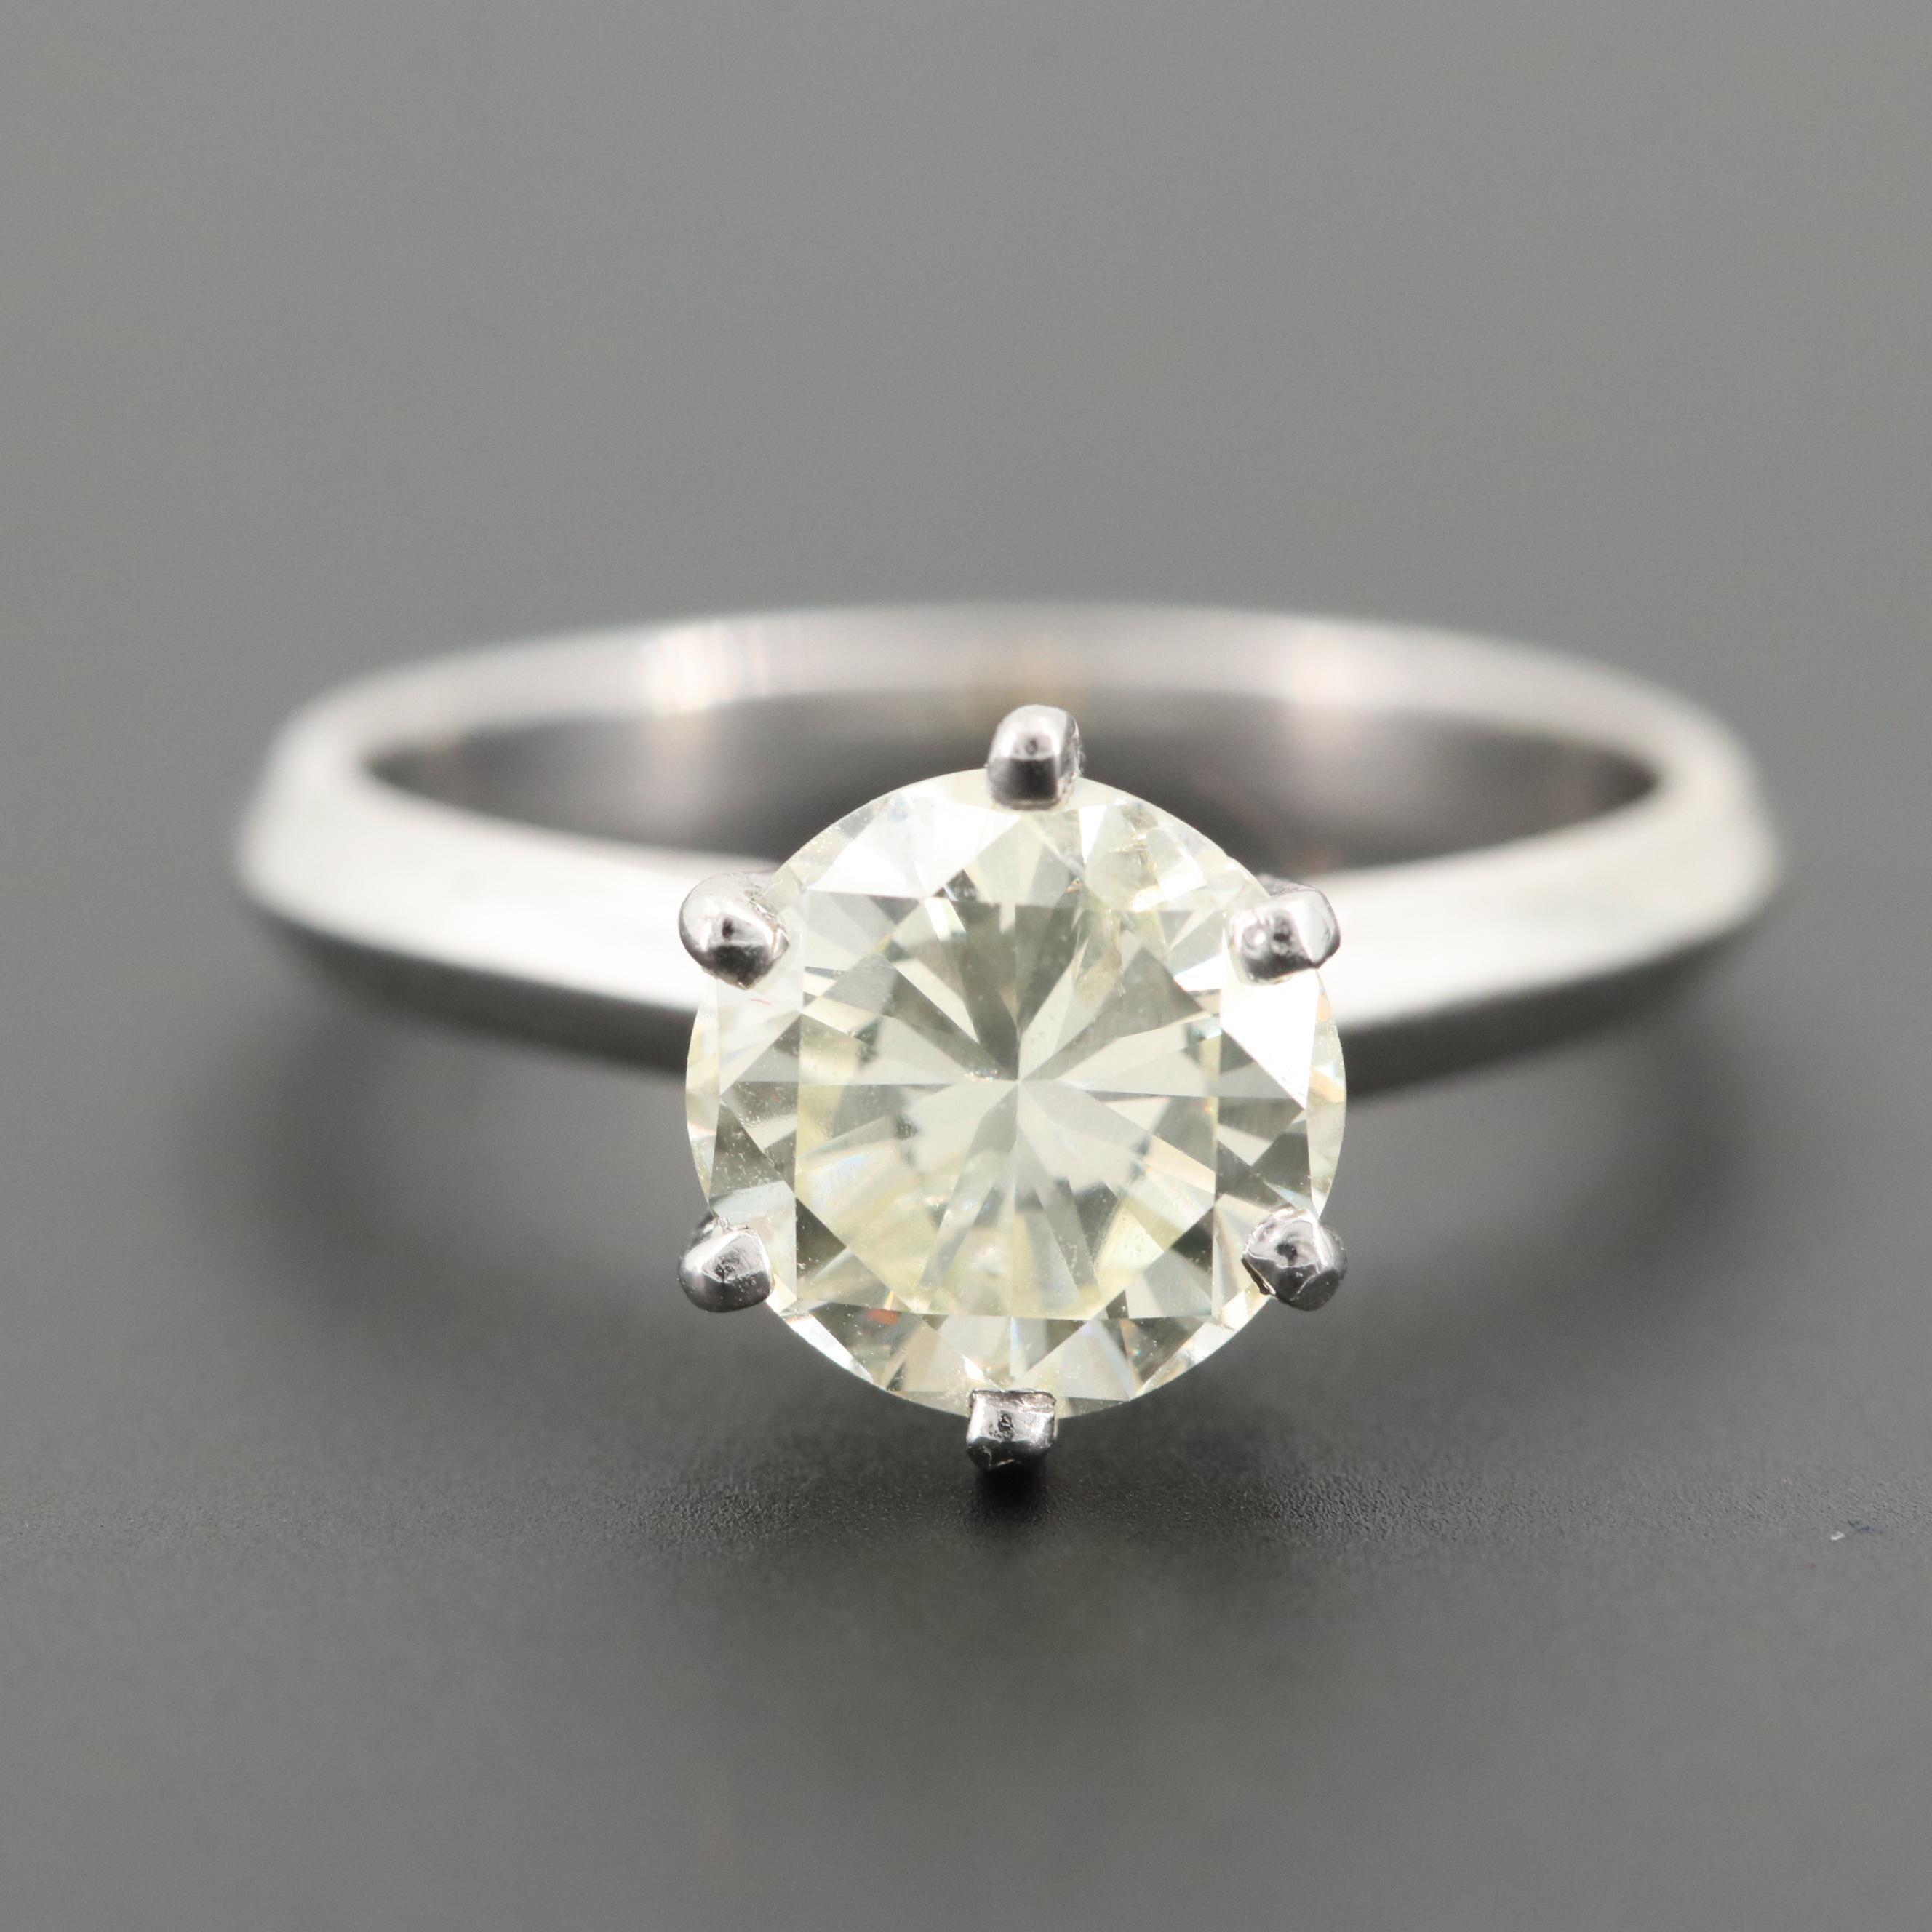 Platinum 1.58 CT Diamond Solitaire Ring